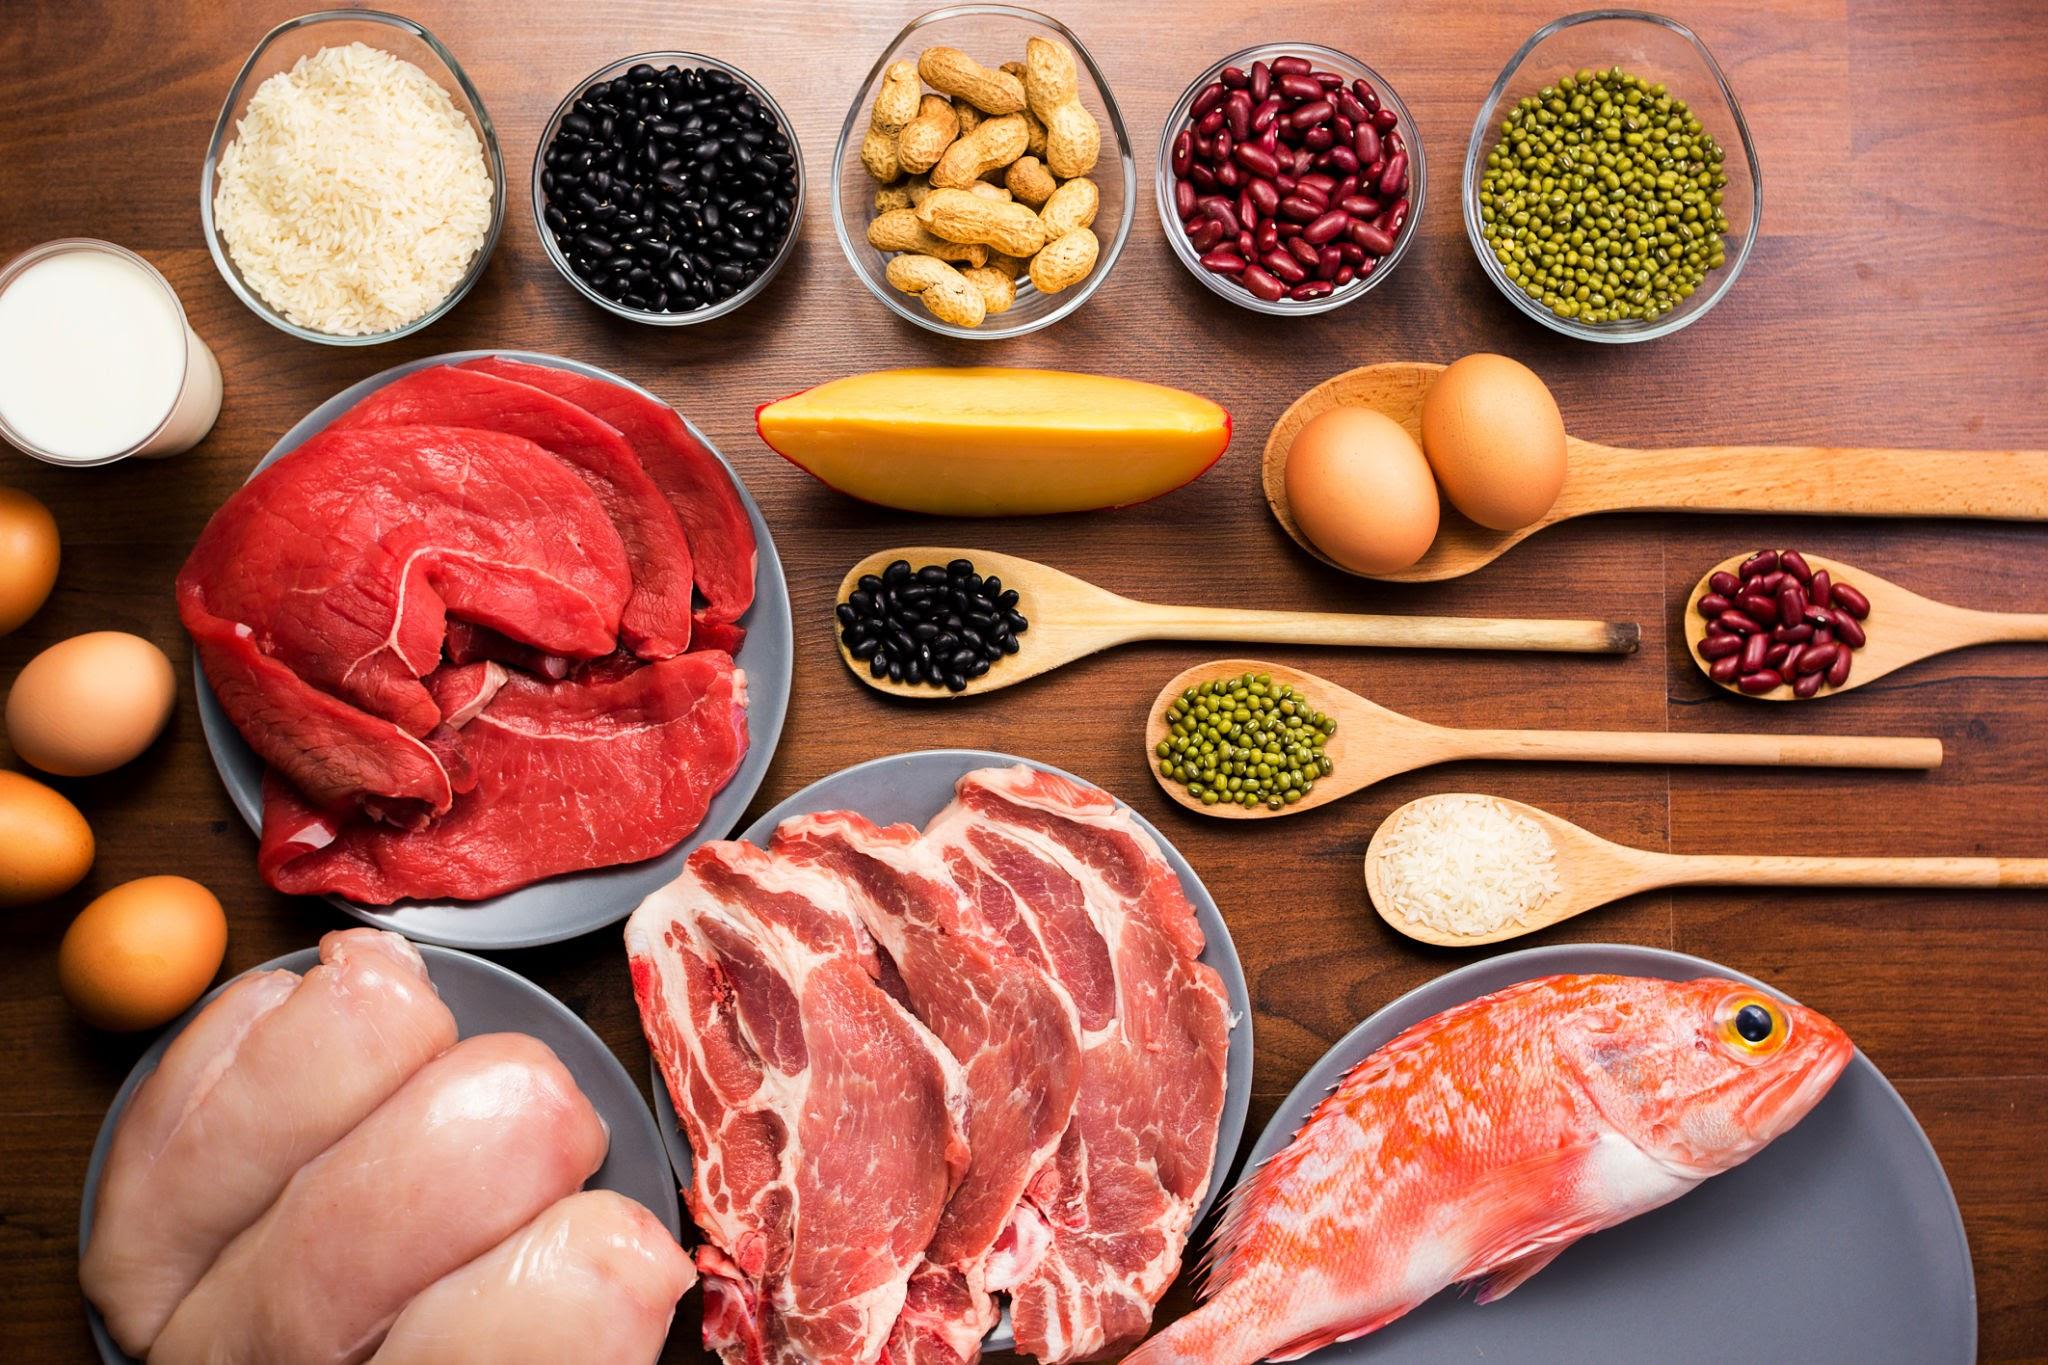 برای رسیدن به تناسب اندام، خود را از خوردن غذاهای لذیذ محروم نکنید!